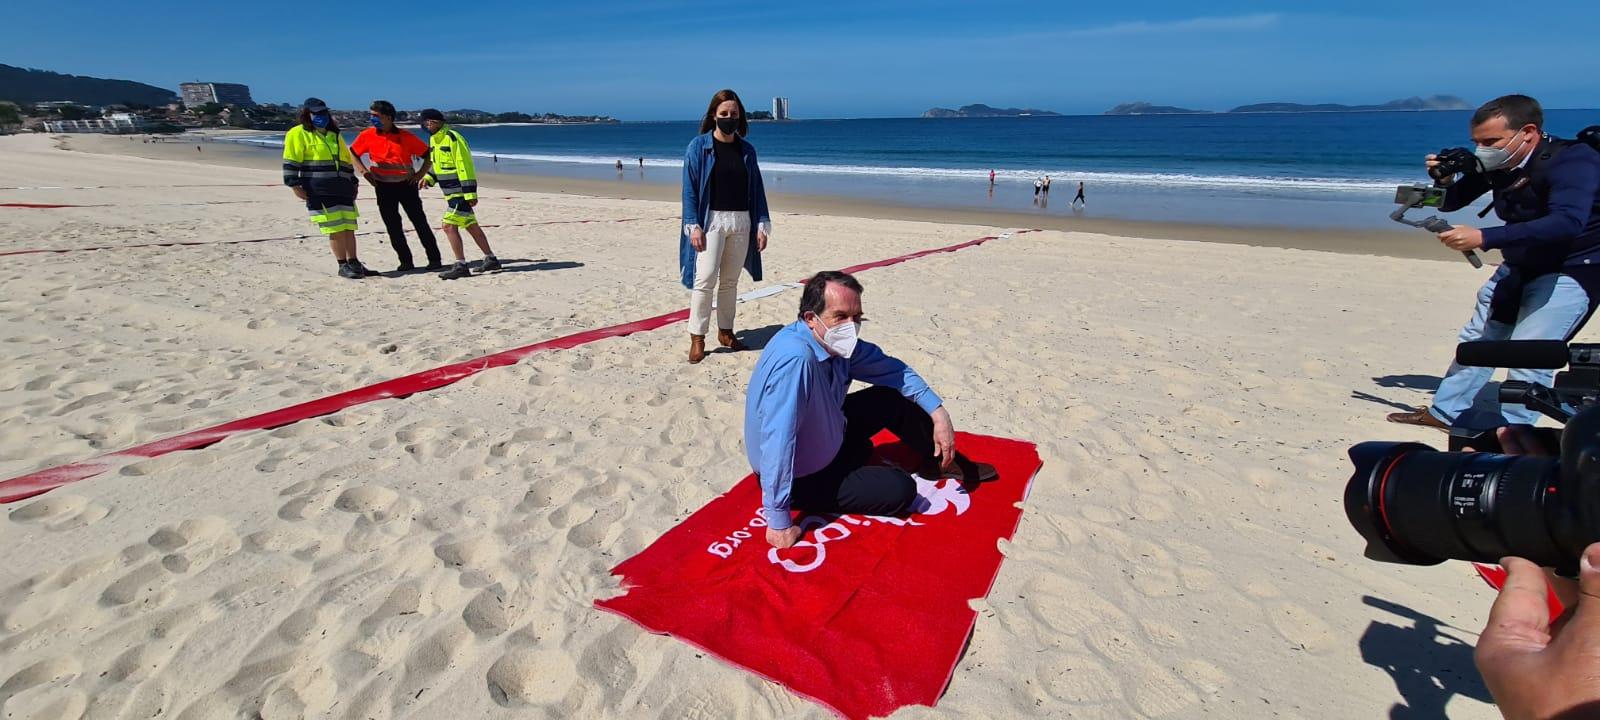 Las playas de Vigo repiten el 'sistema de cuadrículas'